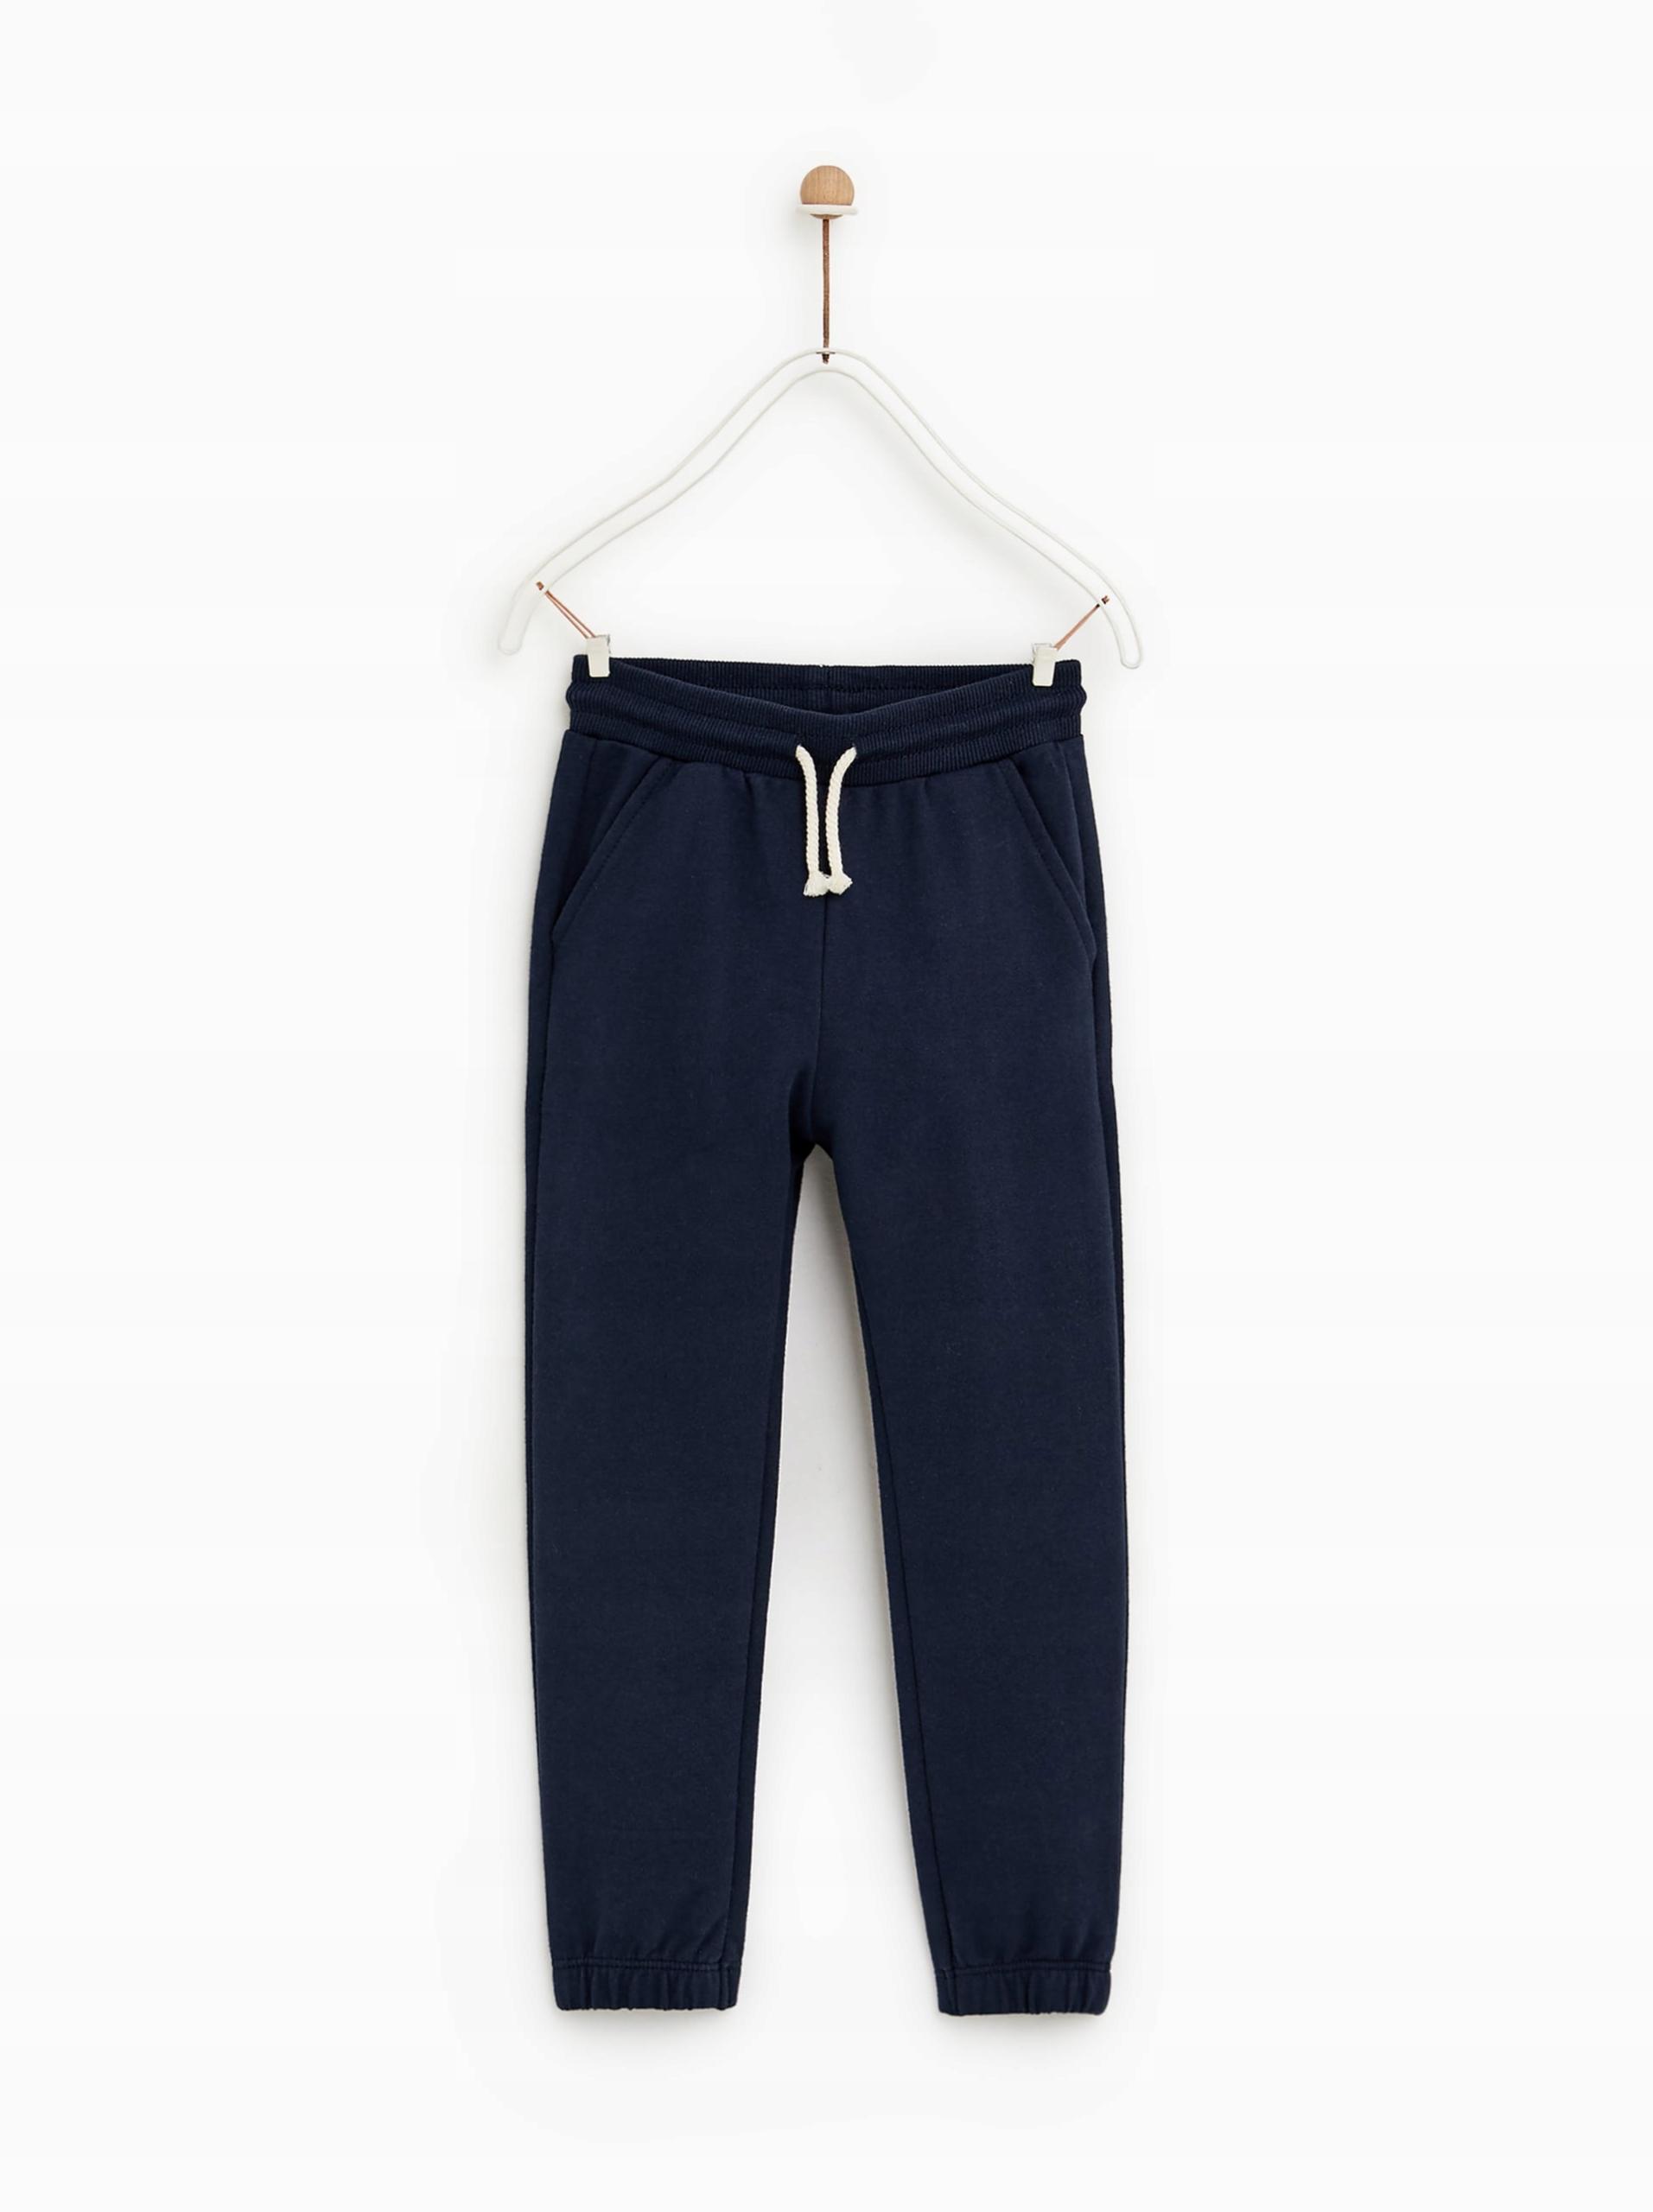 ZARA spodnie dresowe 122 dla dziewczynki 5 6 lat